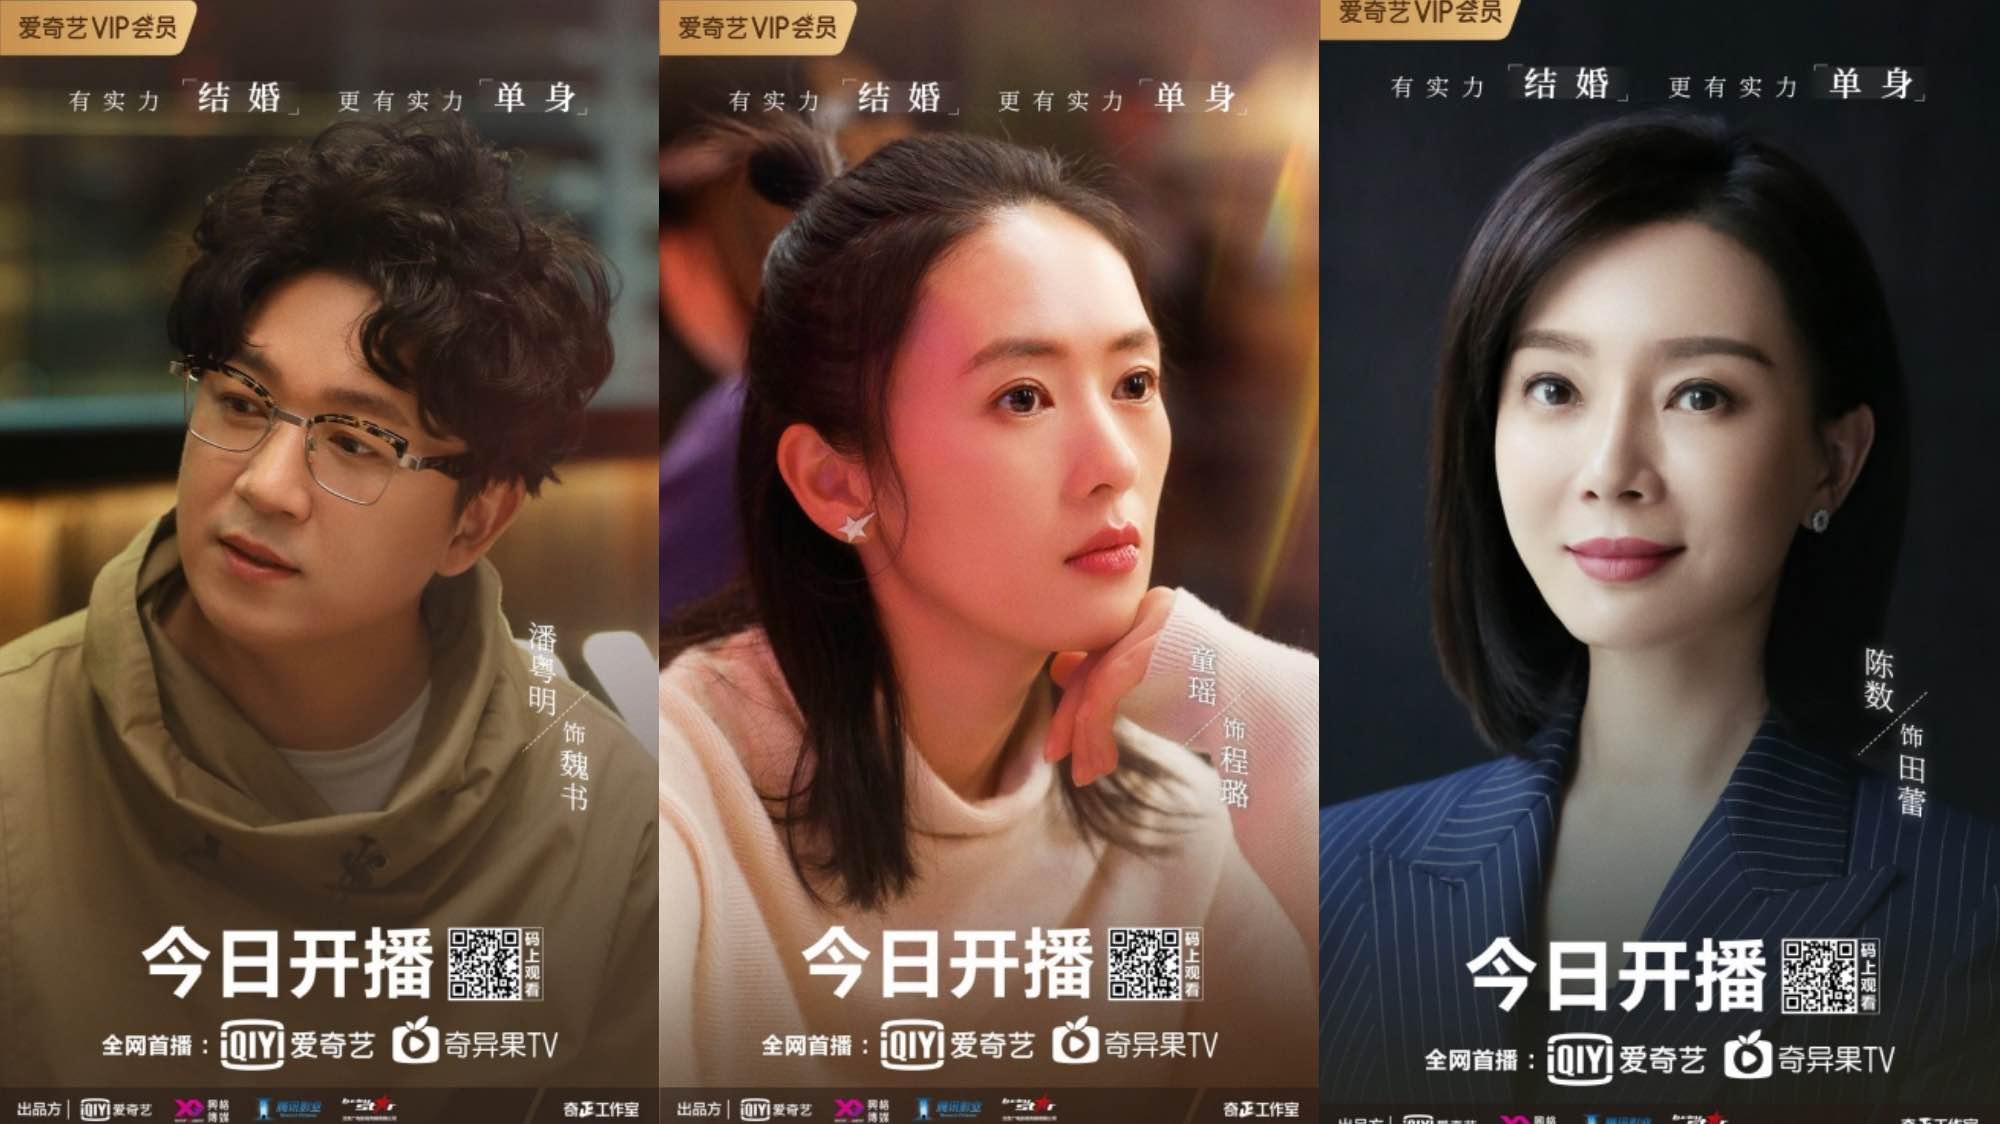 """《谁说我结不了婚》爱奇艺今日开播,神仙阵容+""""扎心金句""""打造年度女性群像剧"""